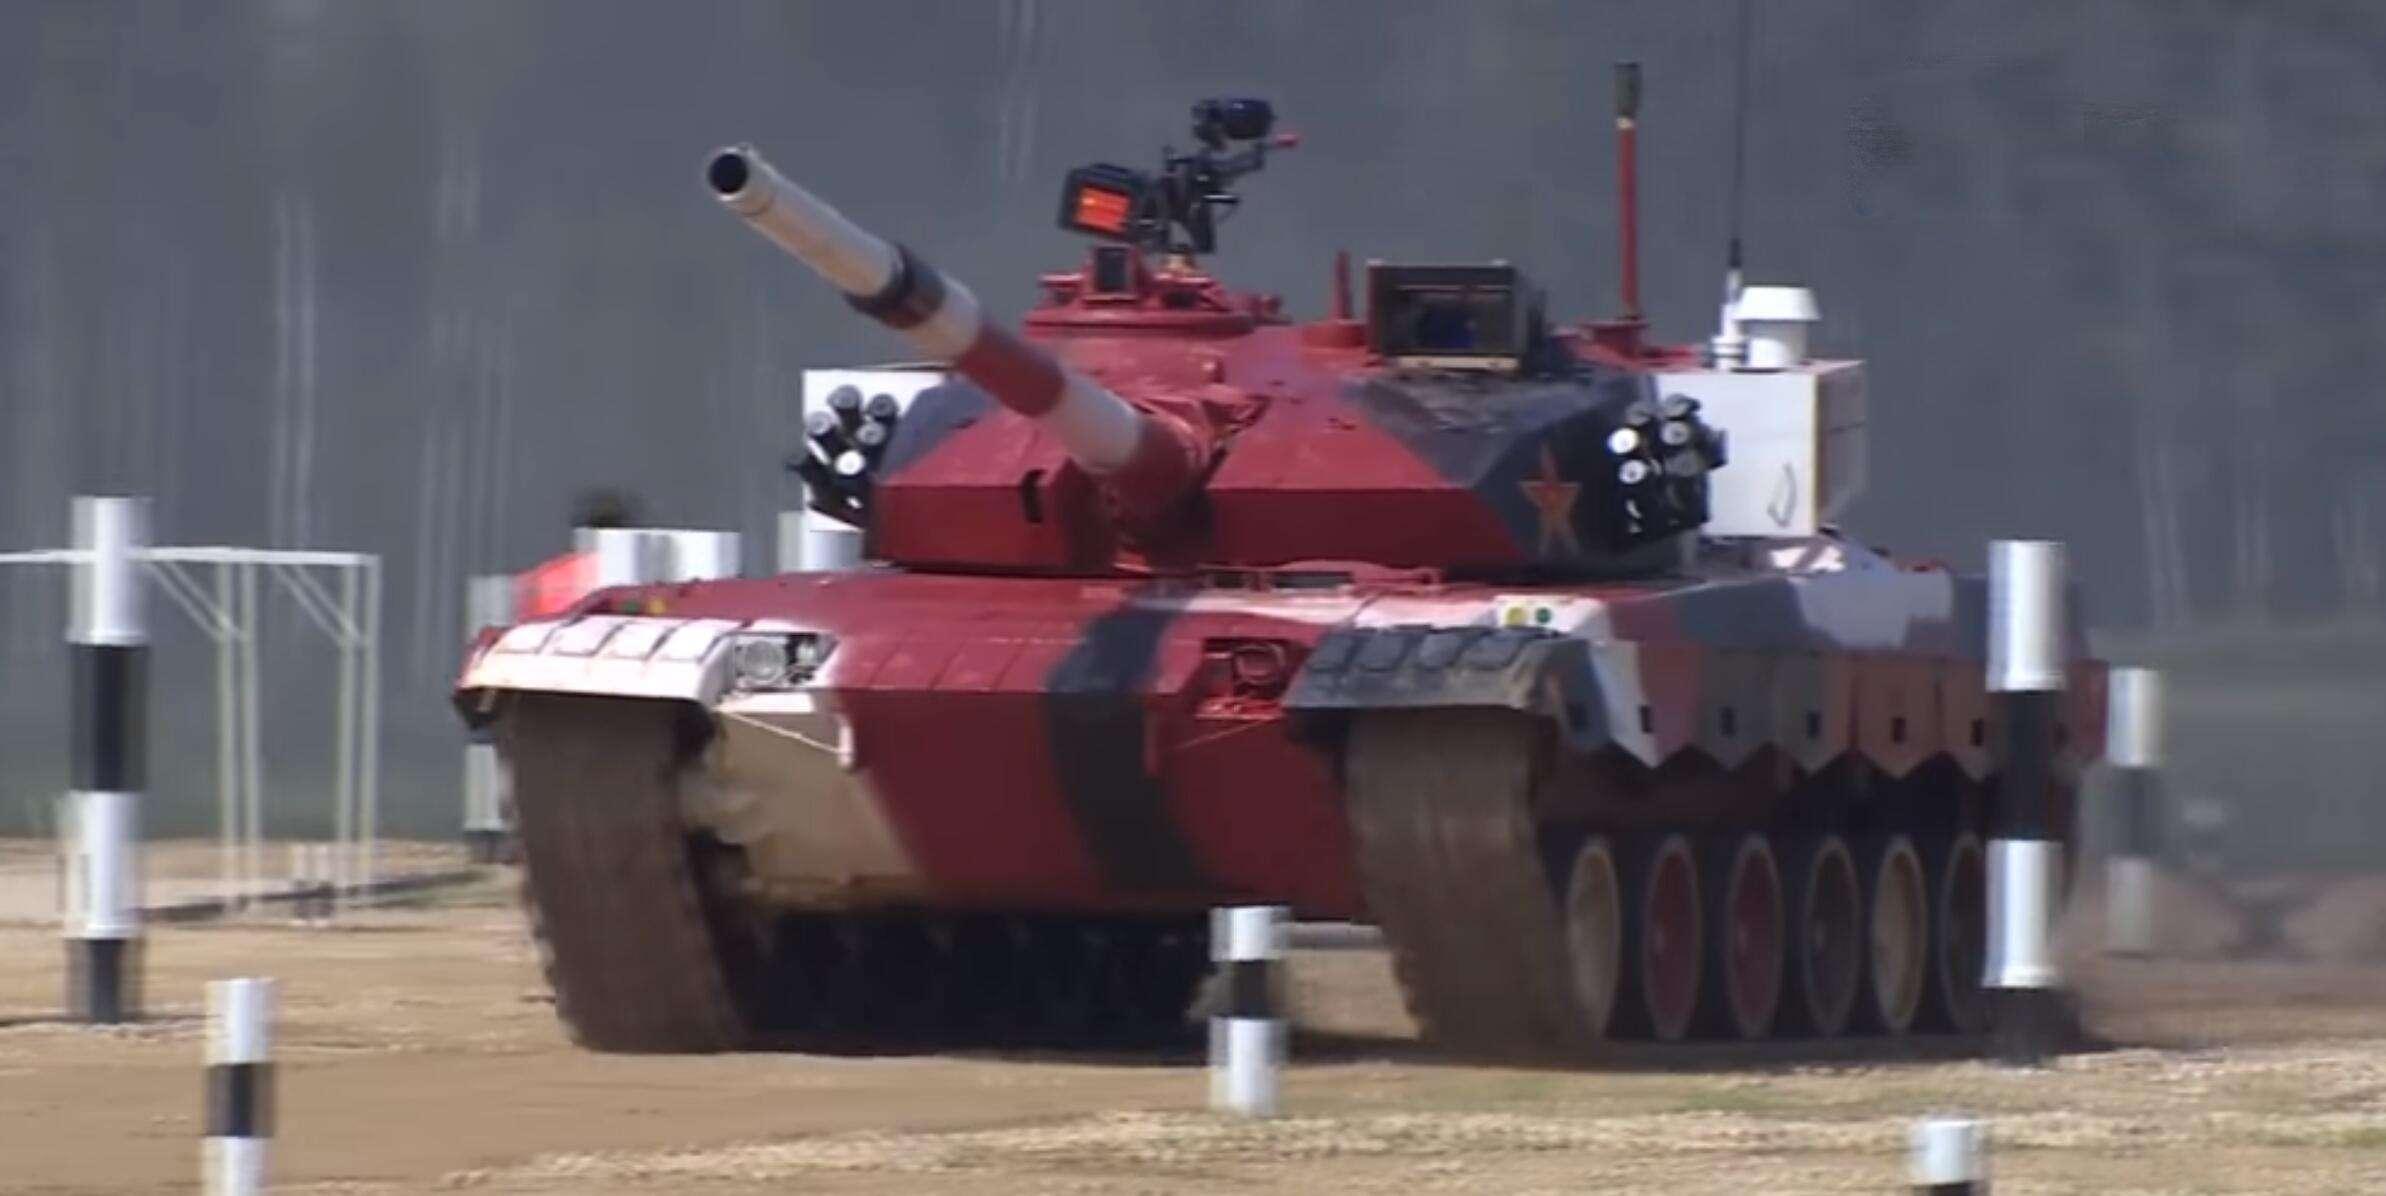 俄罗斯士兵进入中国步战车体验 高呼先进科幻